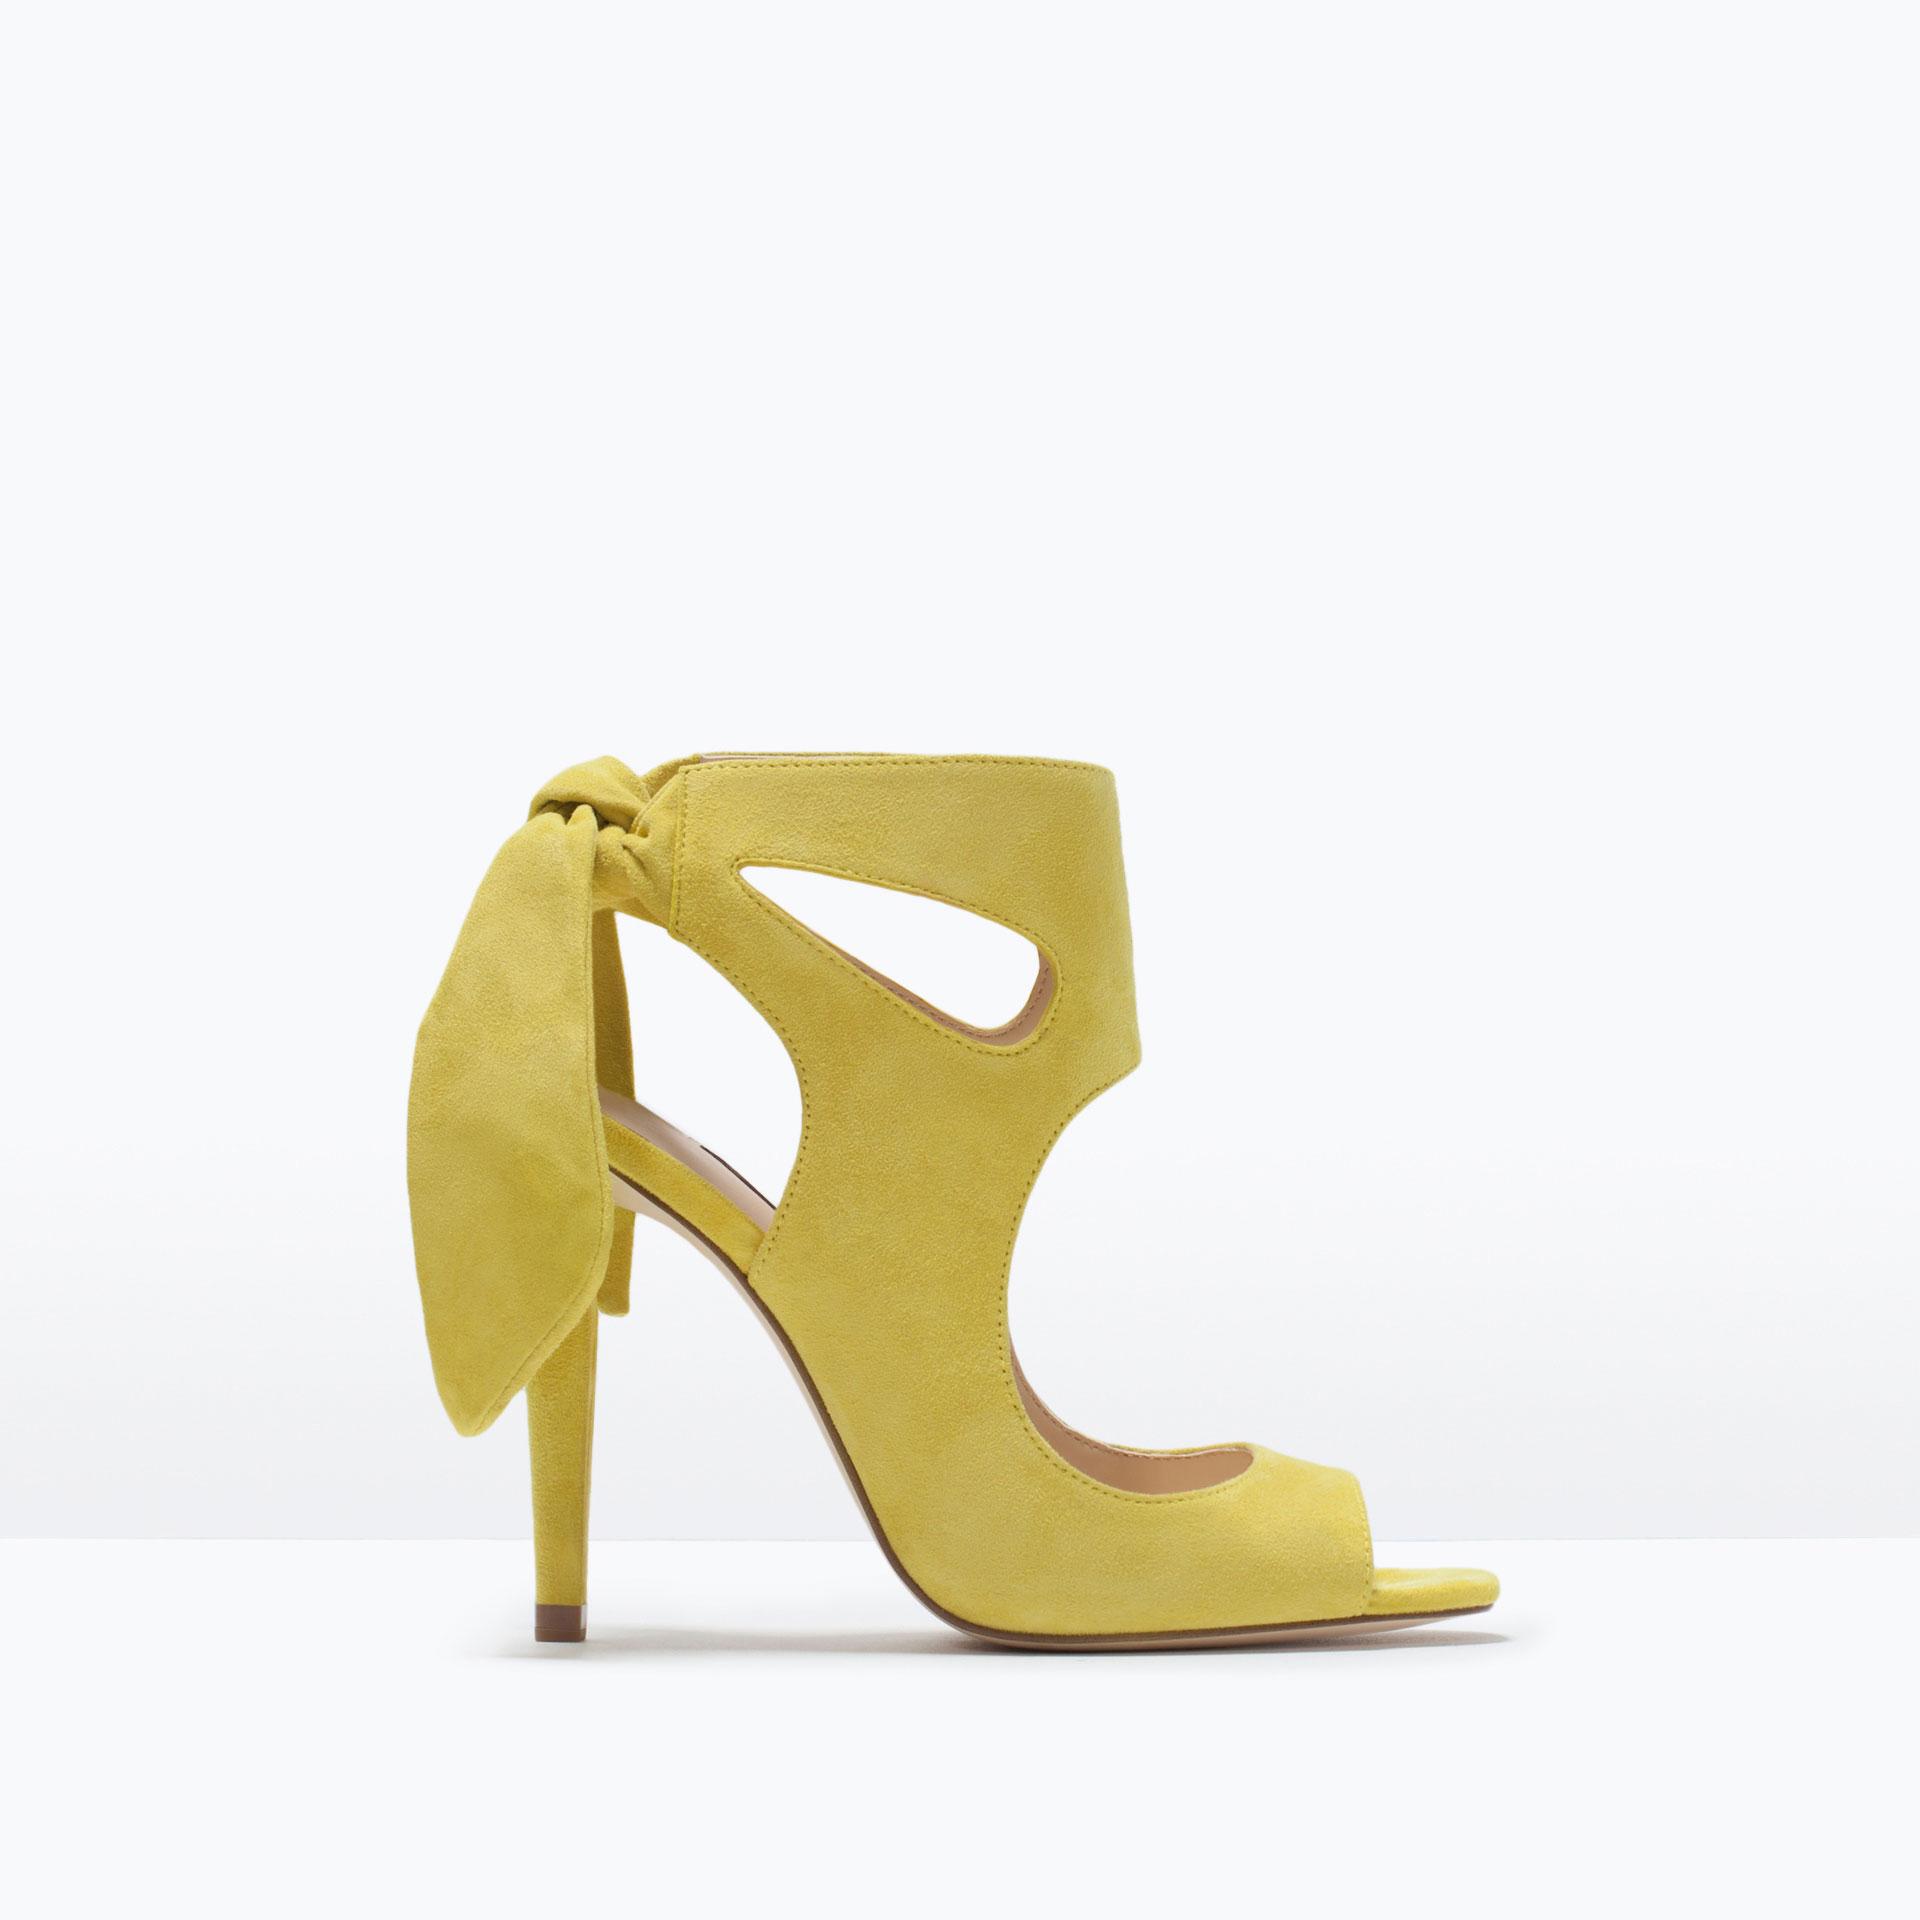 Nœud Chaussures Femme Cuir Sandales Talon BQxWderCo